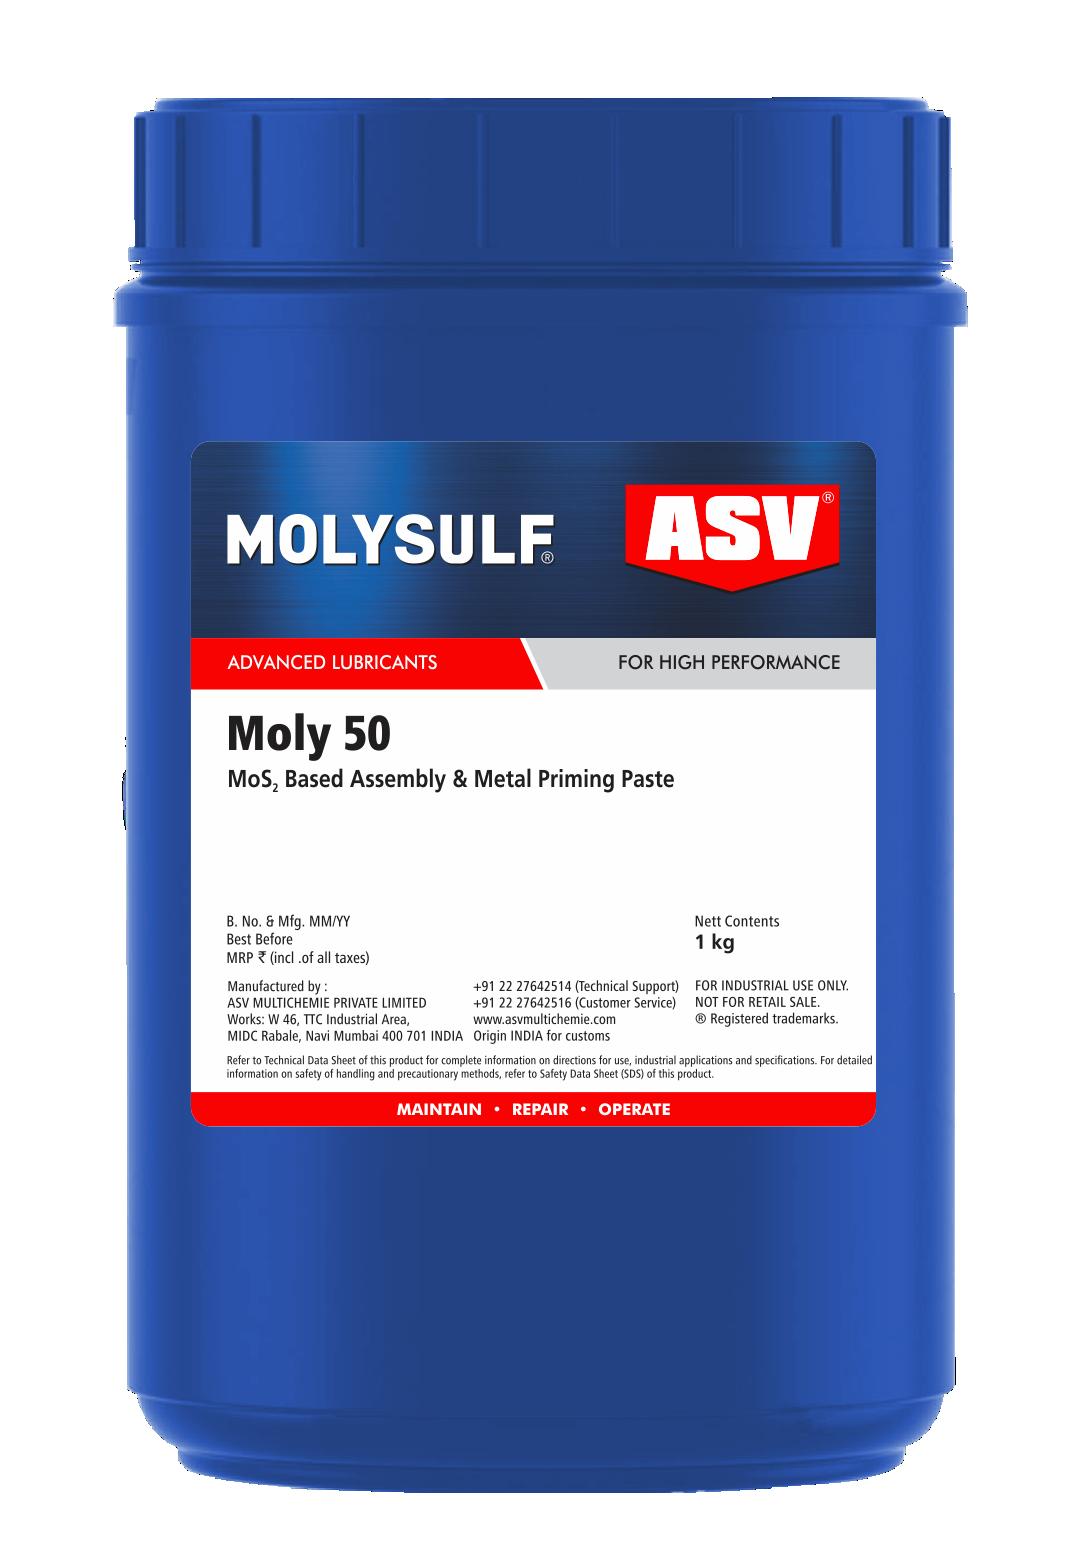 Moly 50